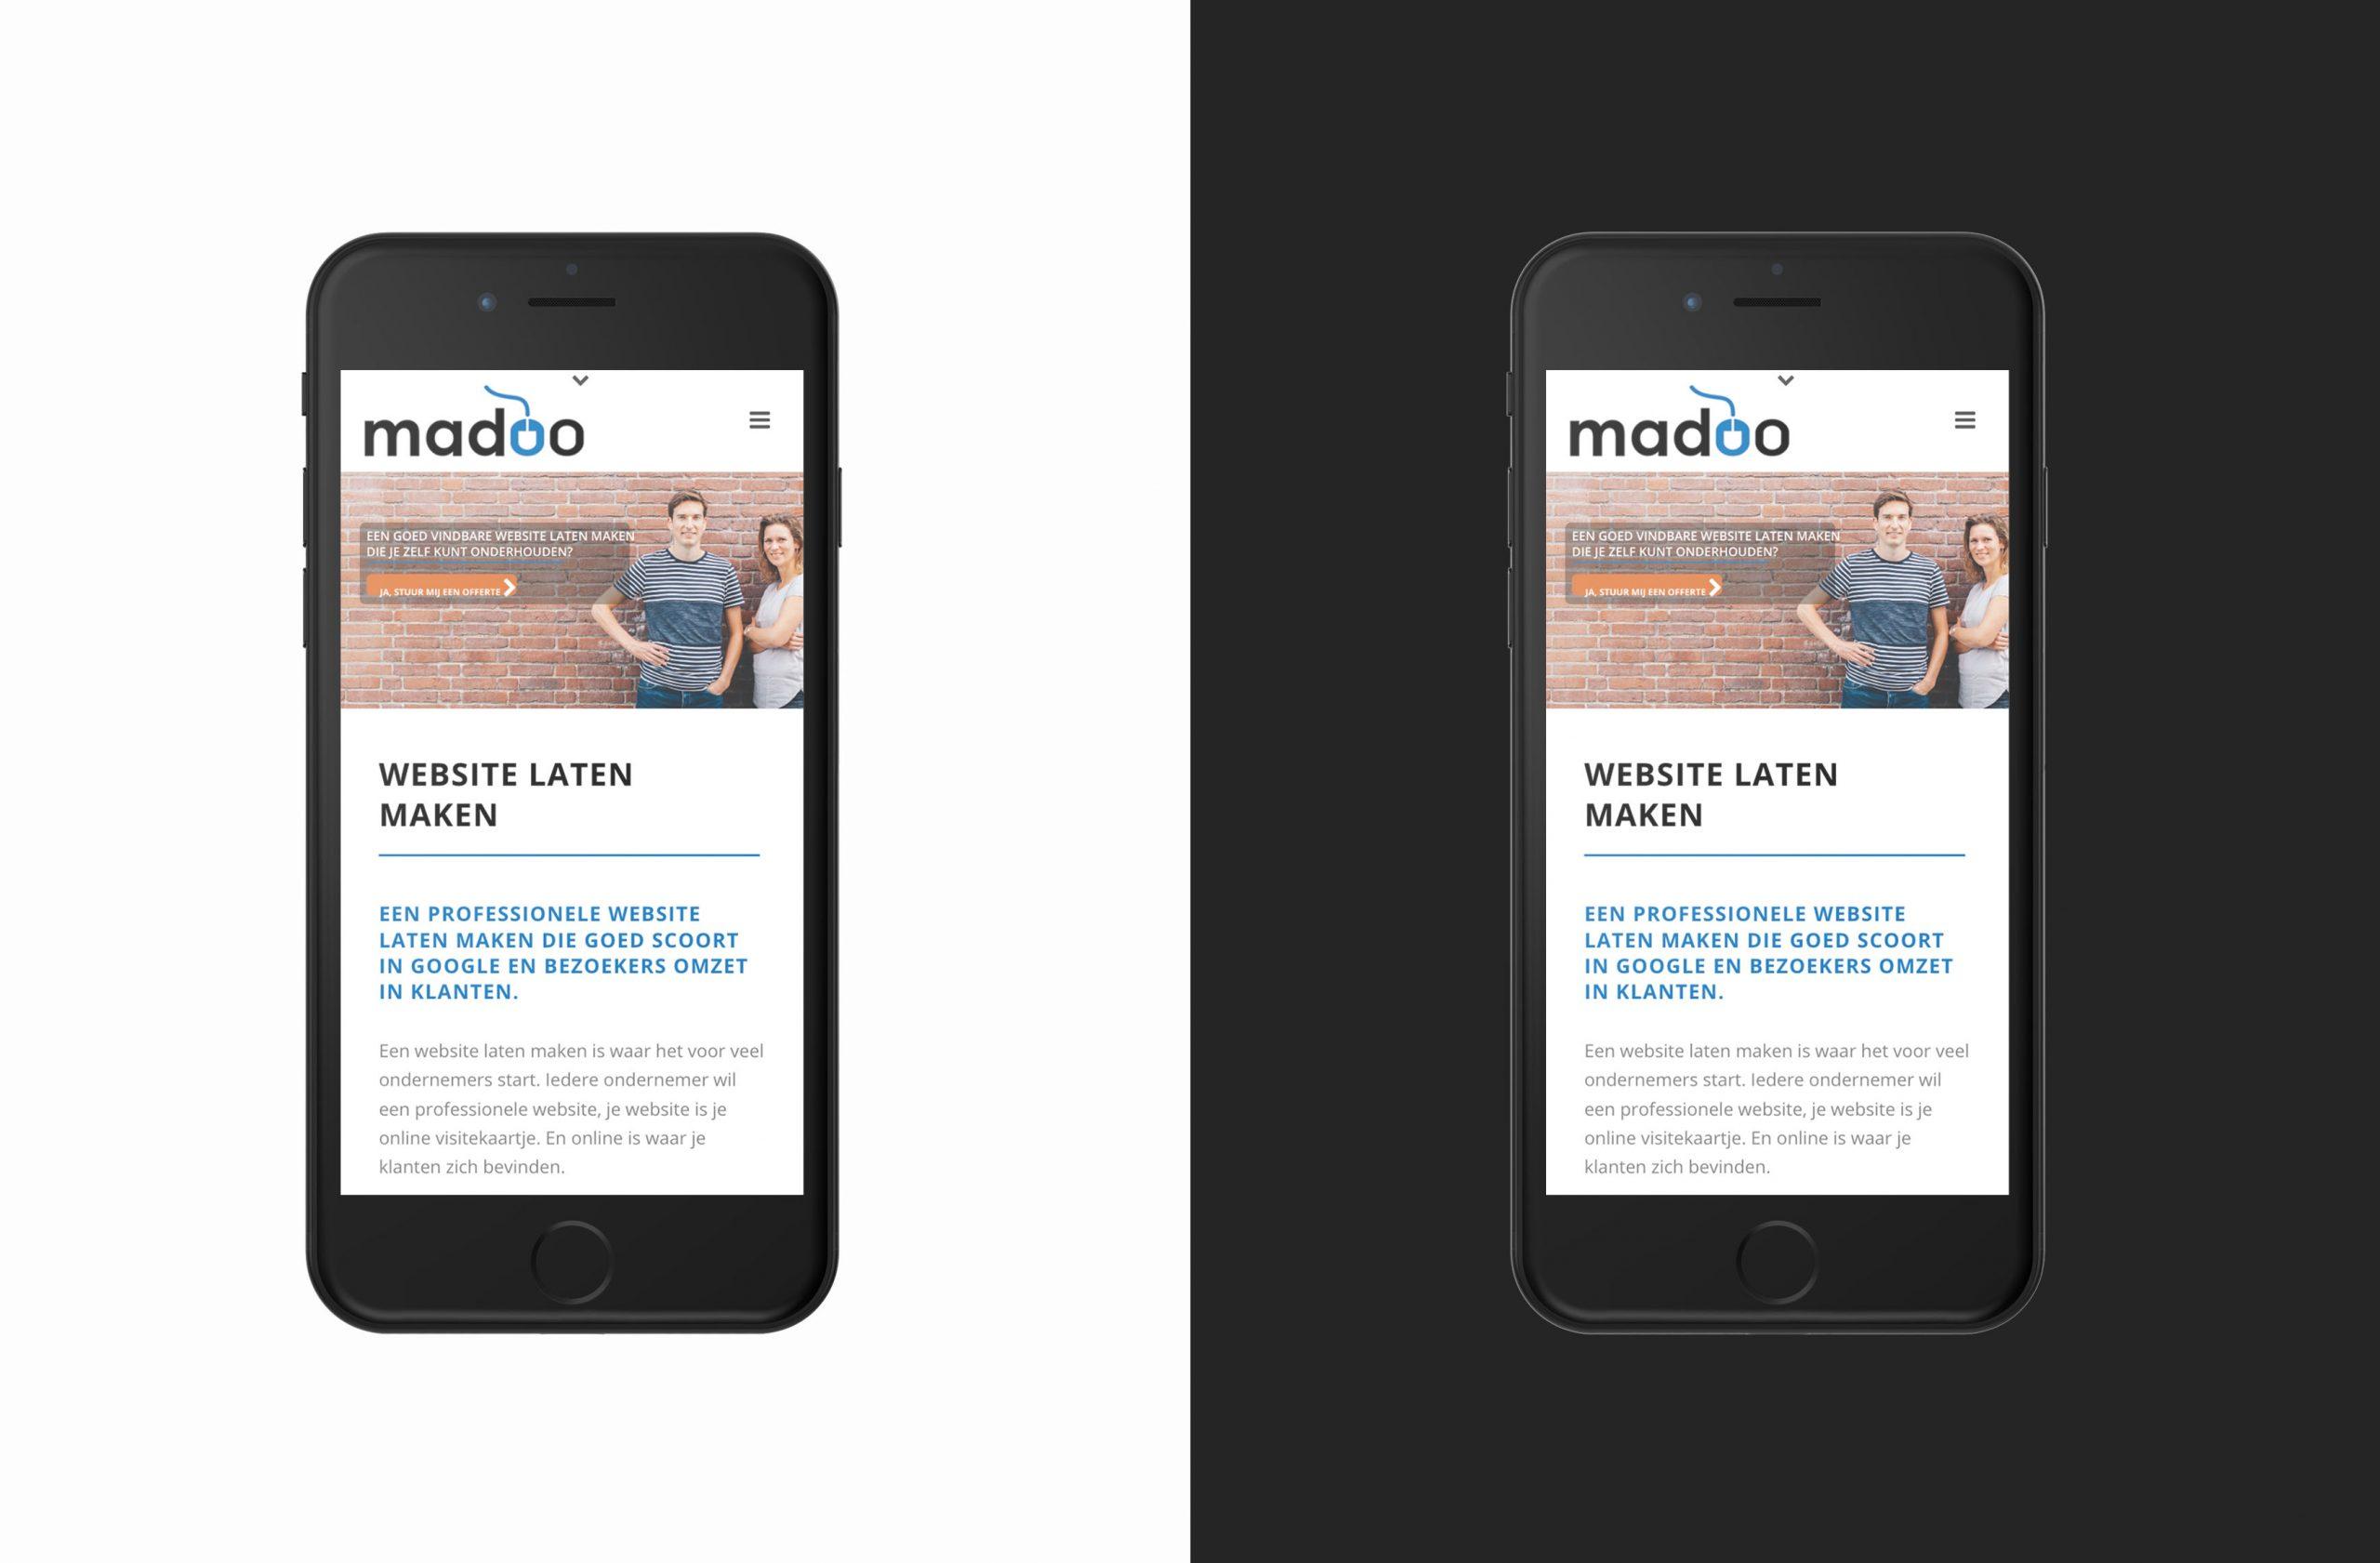 1-madoo-mobile-website-studiosont